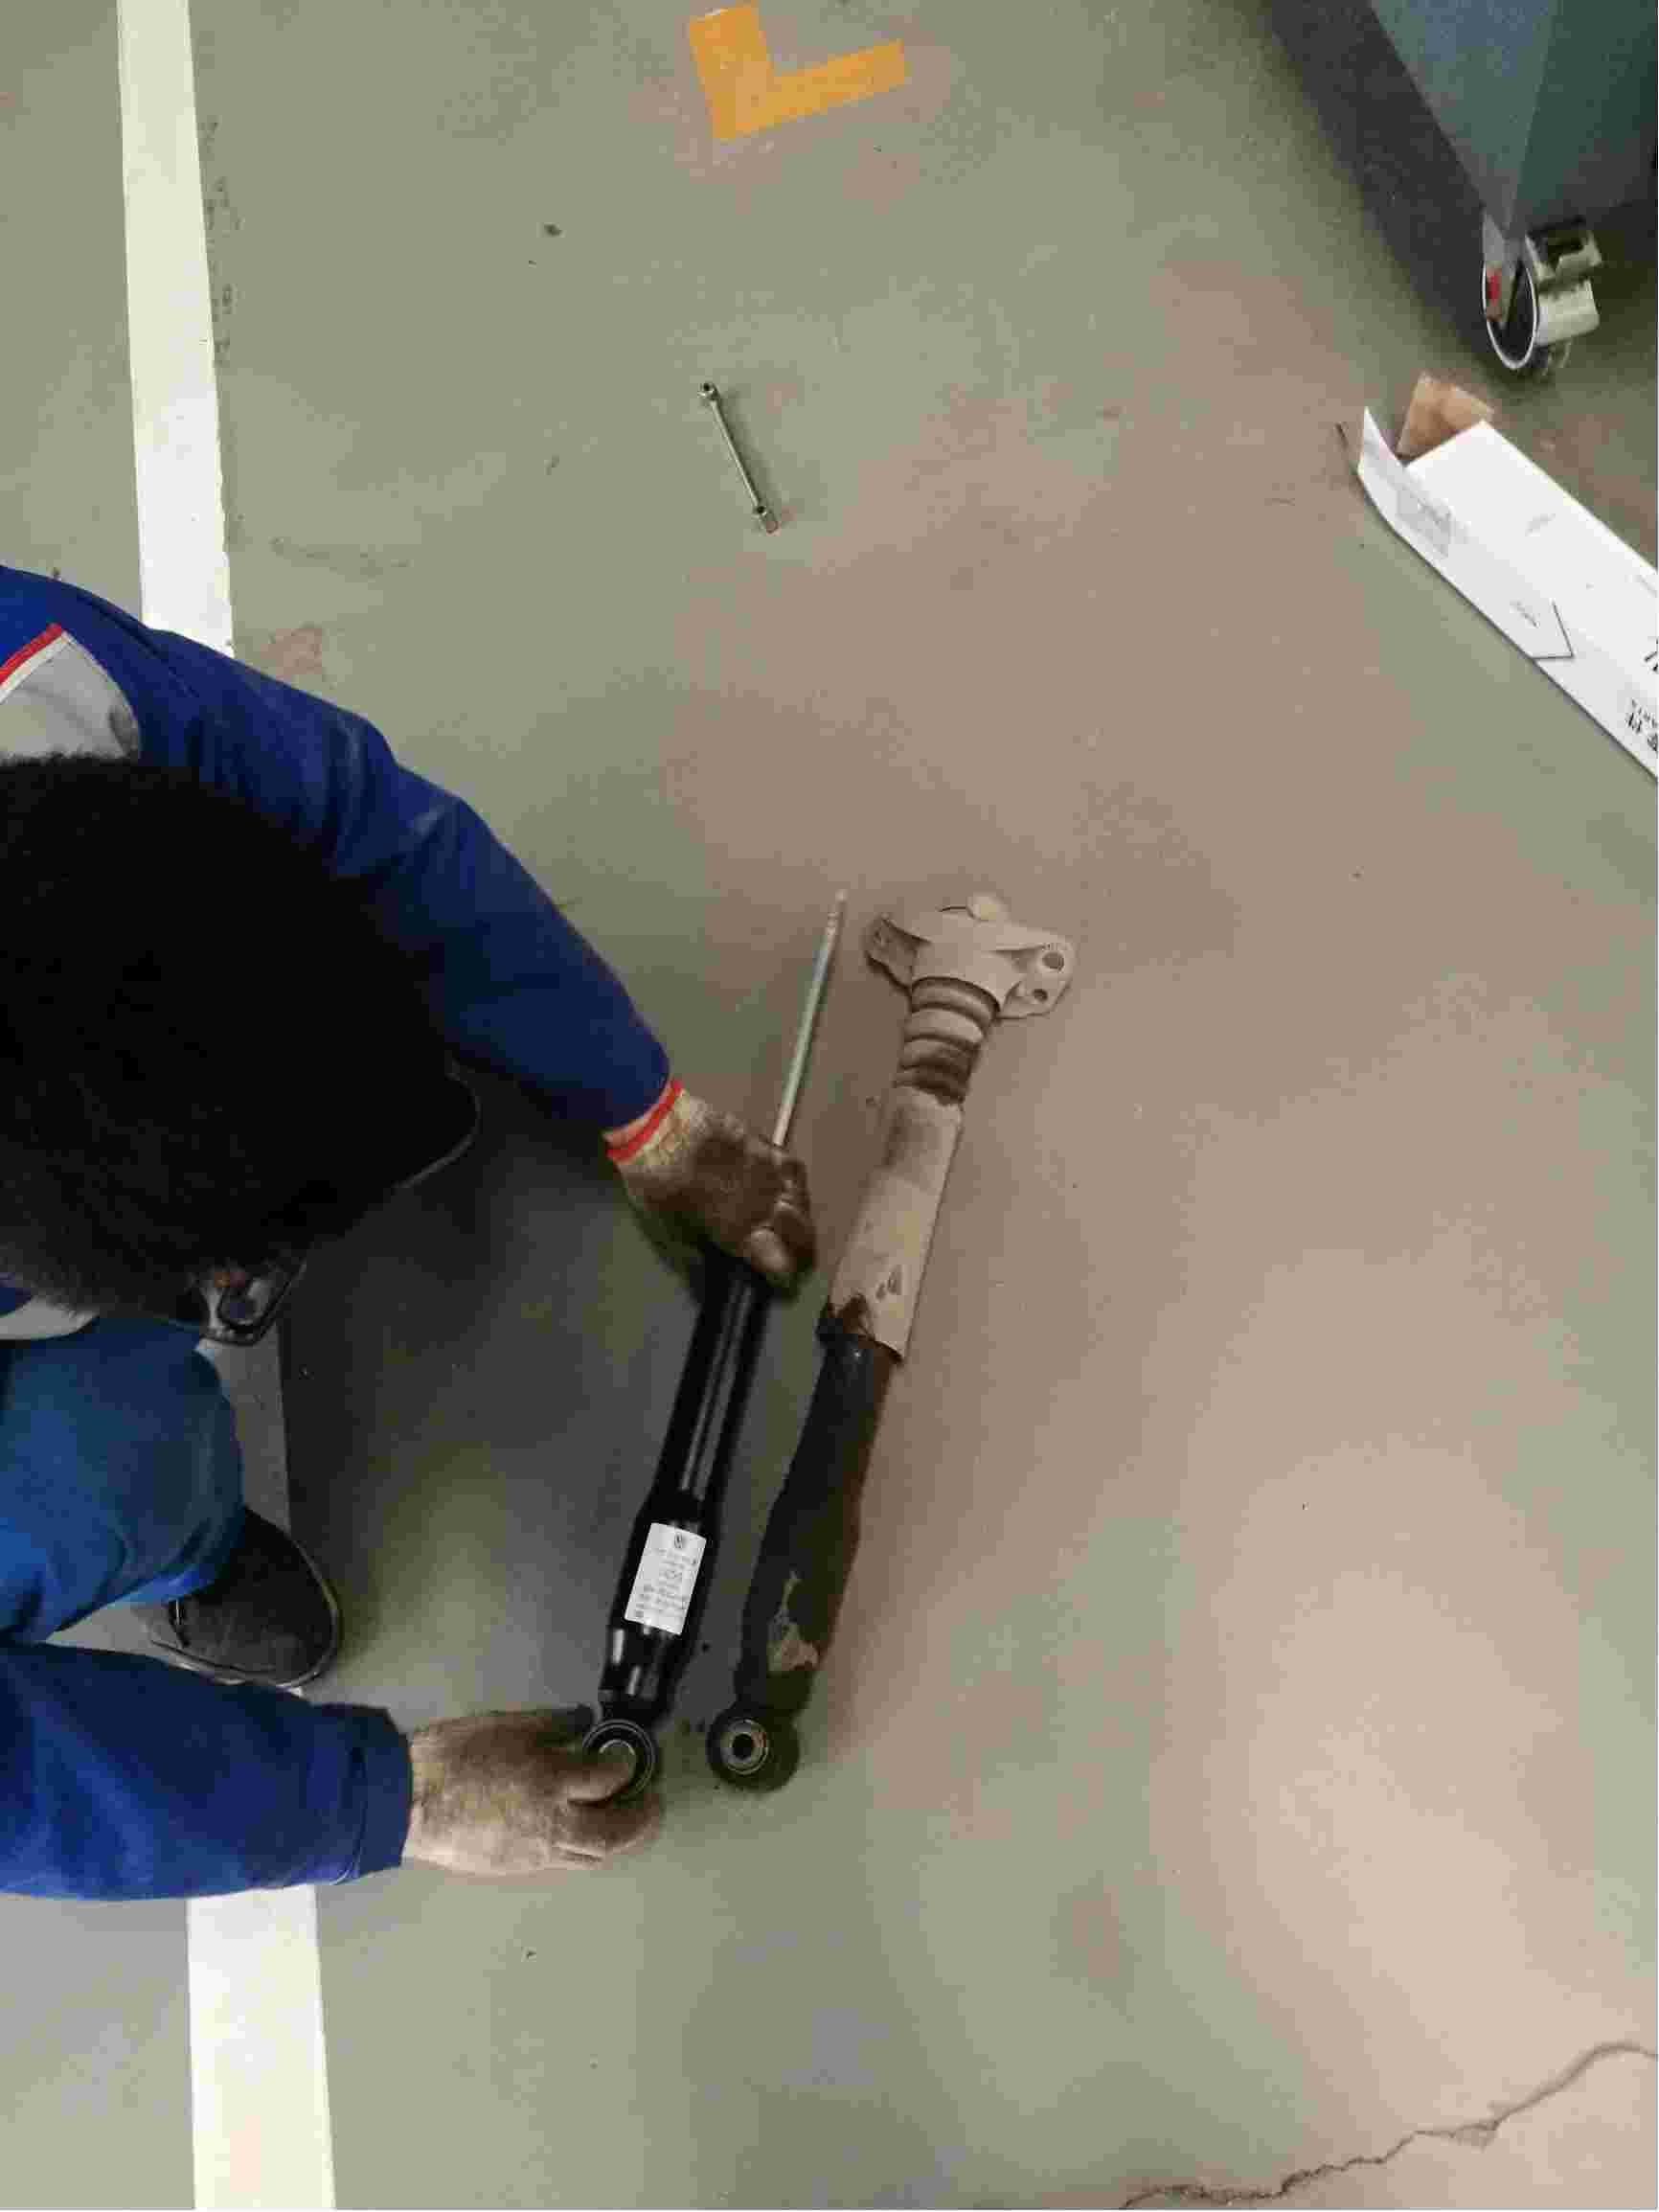 大众4s店更换的后轮减震器漏油,要求更换。